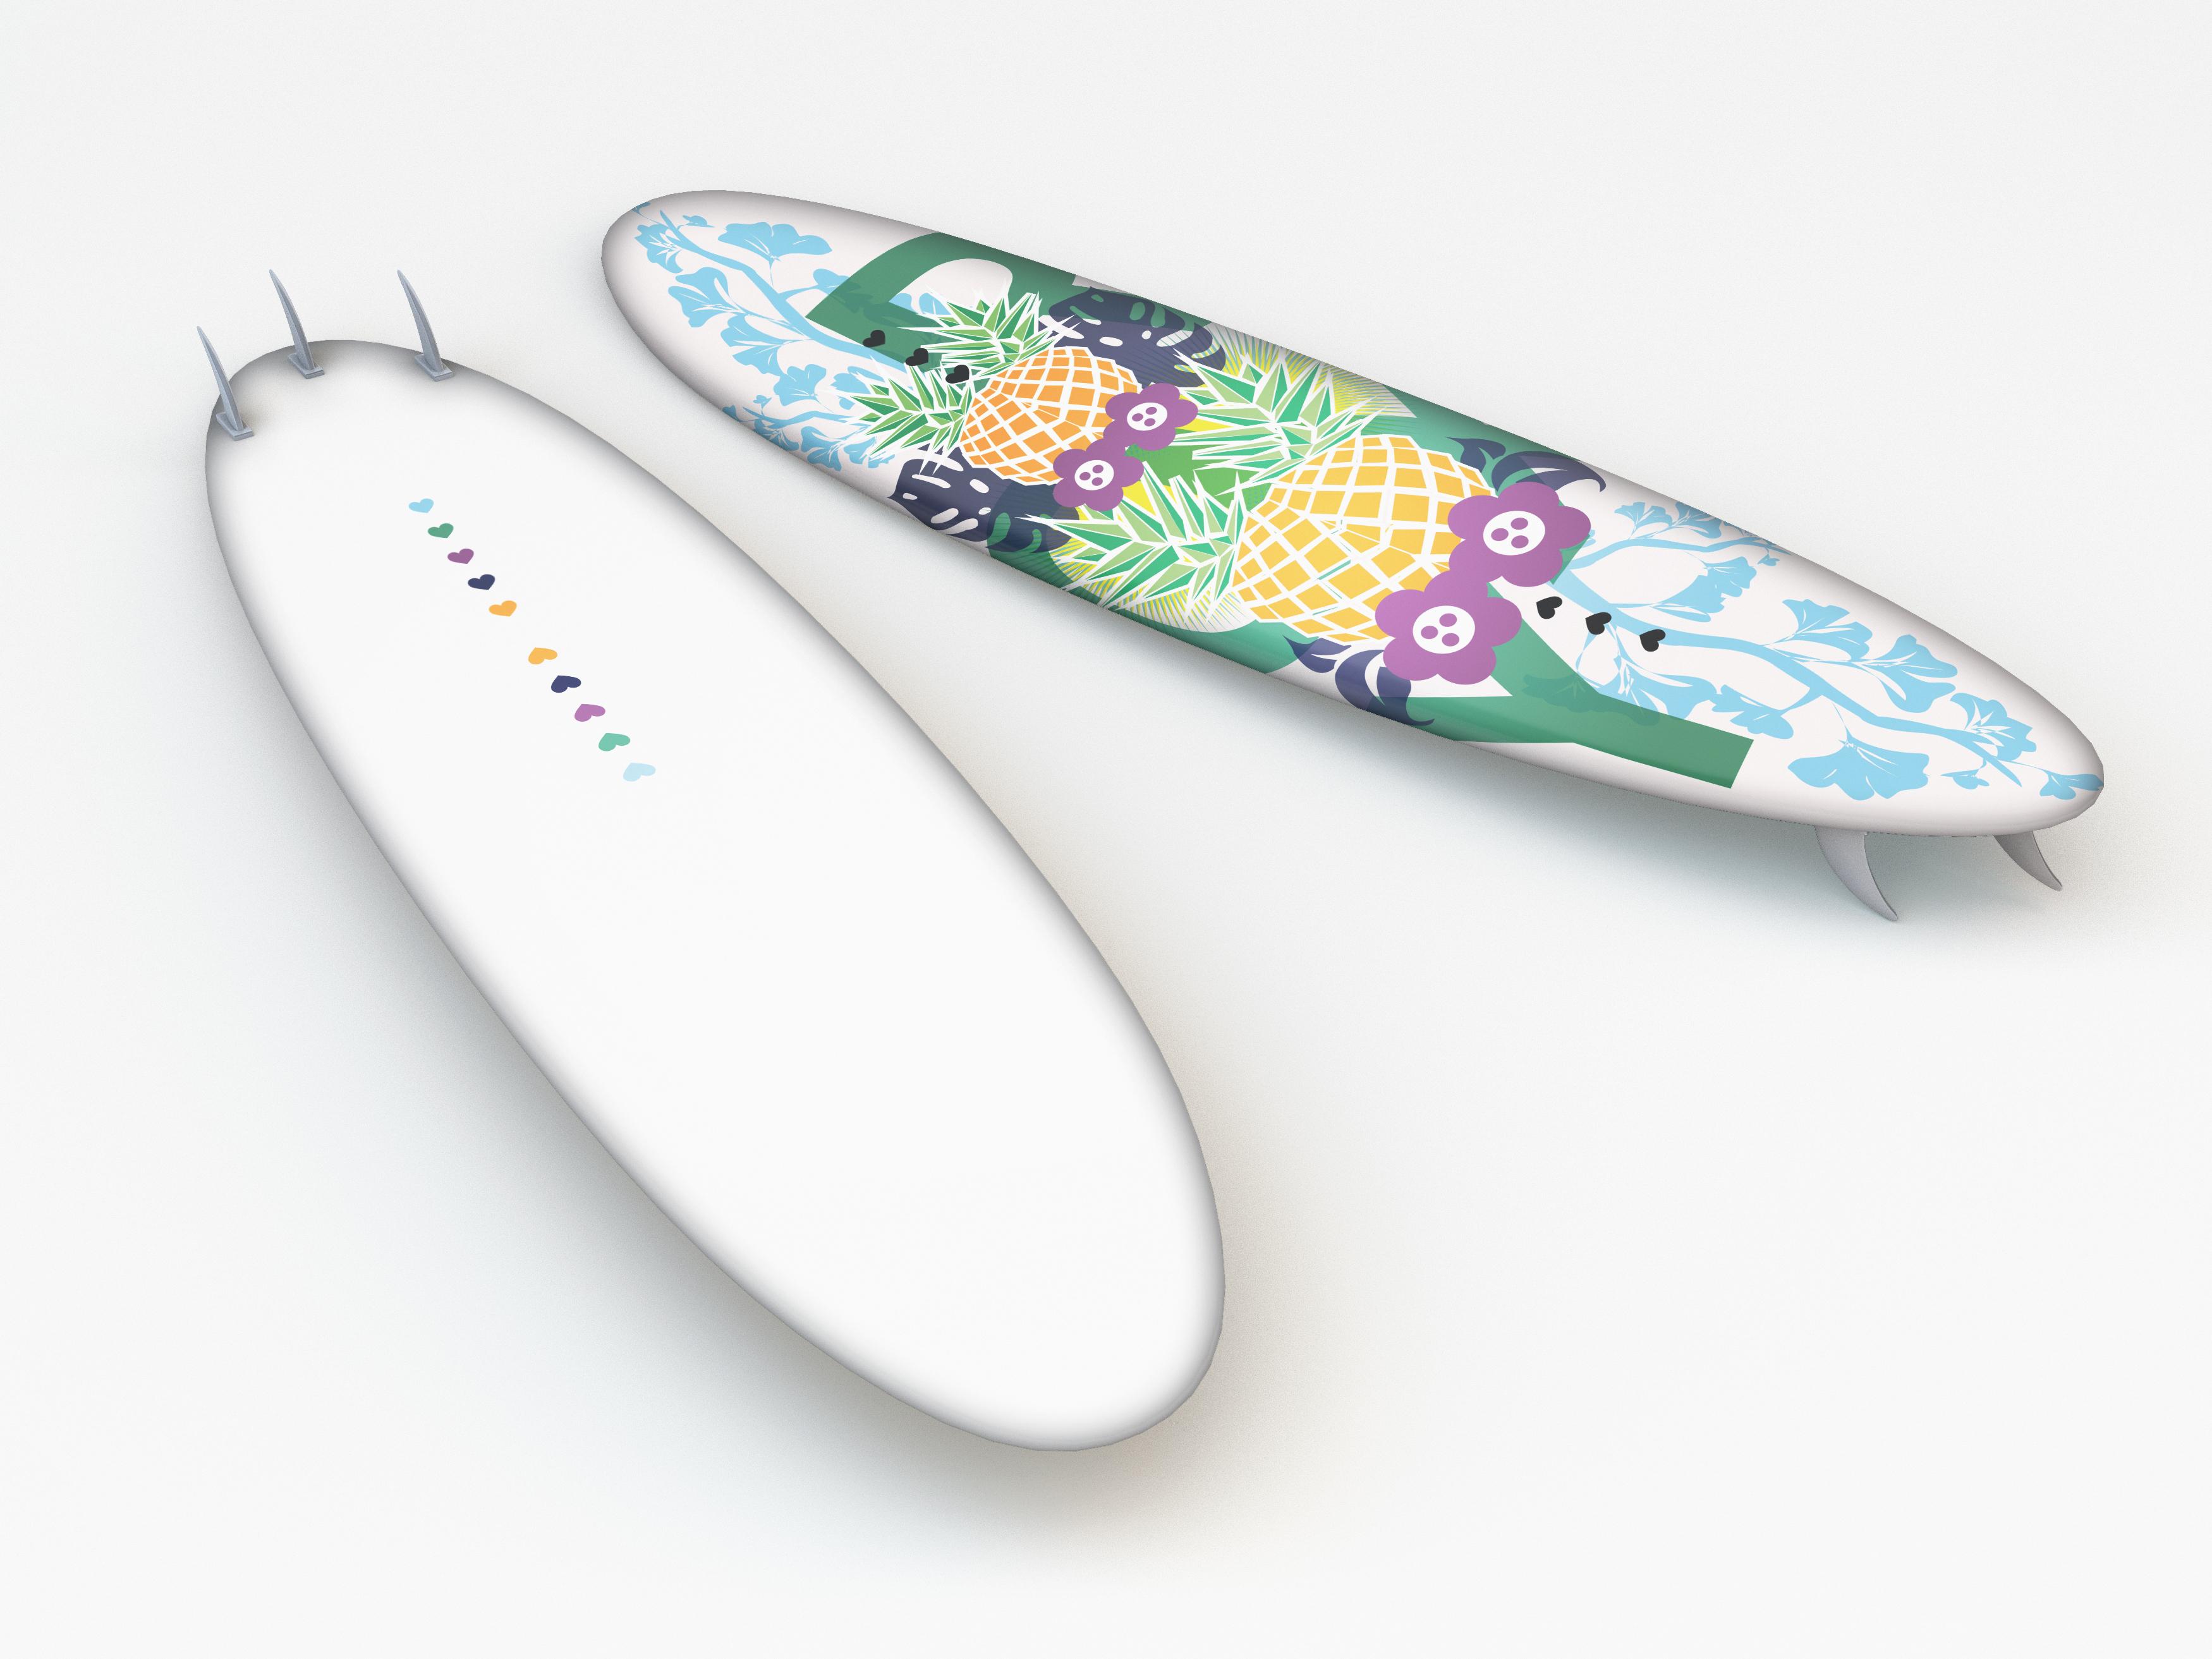 surfboard_mockup_01